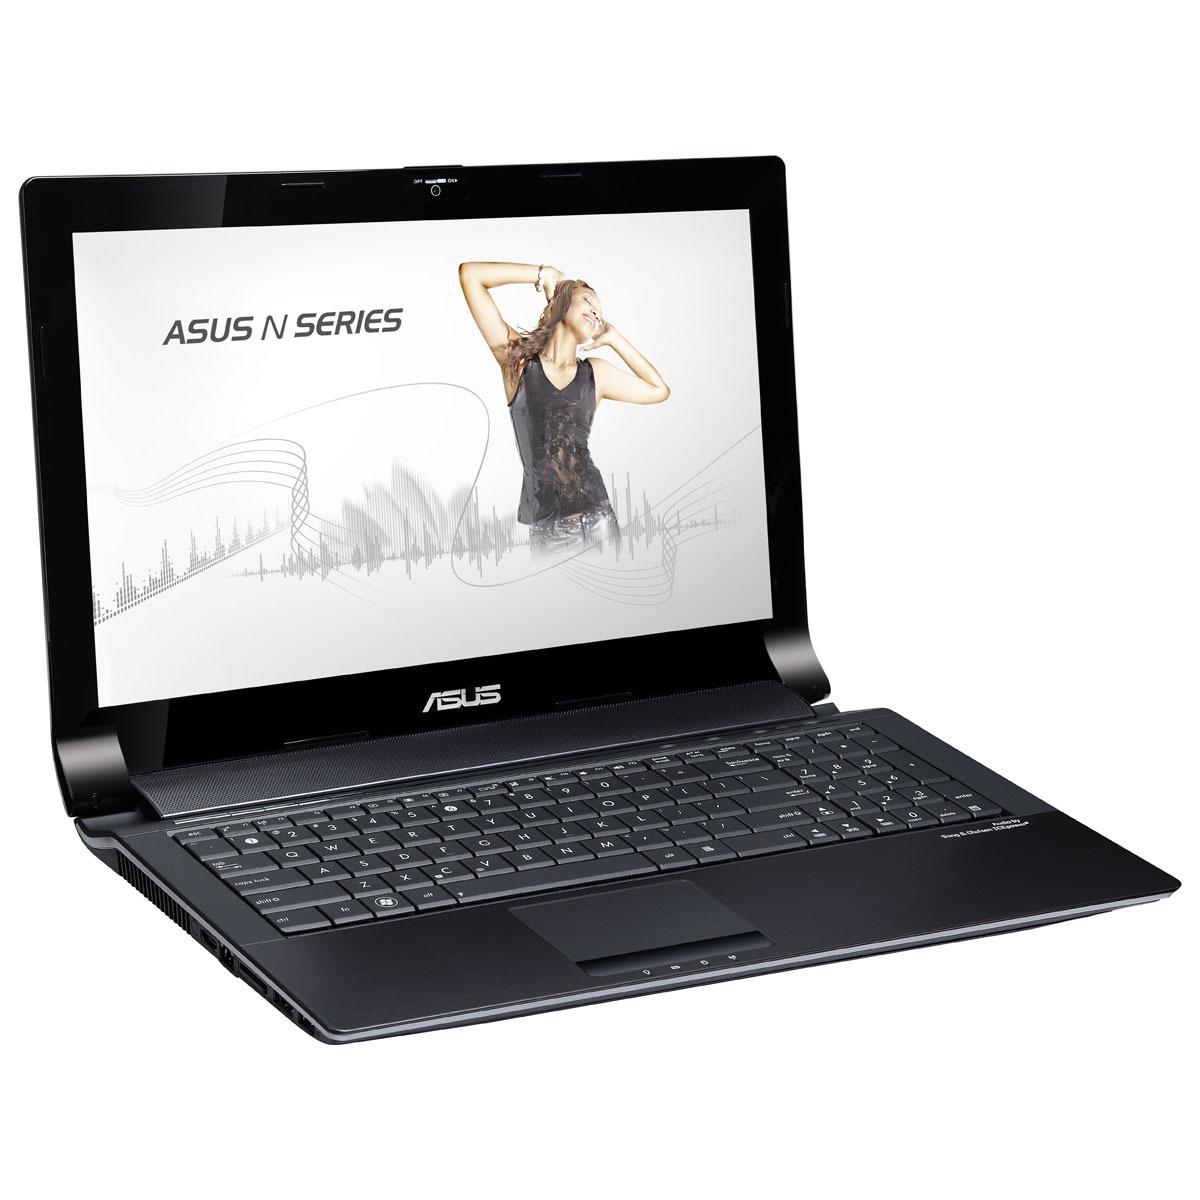 """PC portable ASUS N53SN-SZ240V Intel Core i7-2630QM 4 Go 750 Go 15.6"""" LED NVIDIA GeForce GT 550M Combo Lecteur Blu-ray/Graveur DVD Wi-Fi N/Bluetooth Webcam Windows 7 Premium 64 bits (garantie constructeur 2 ans)"""